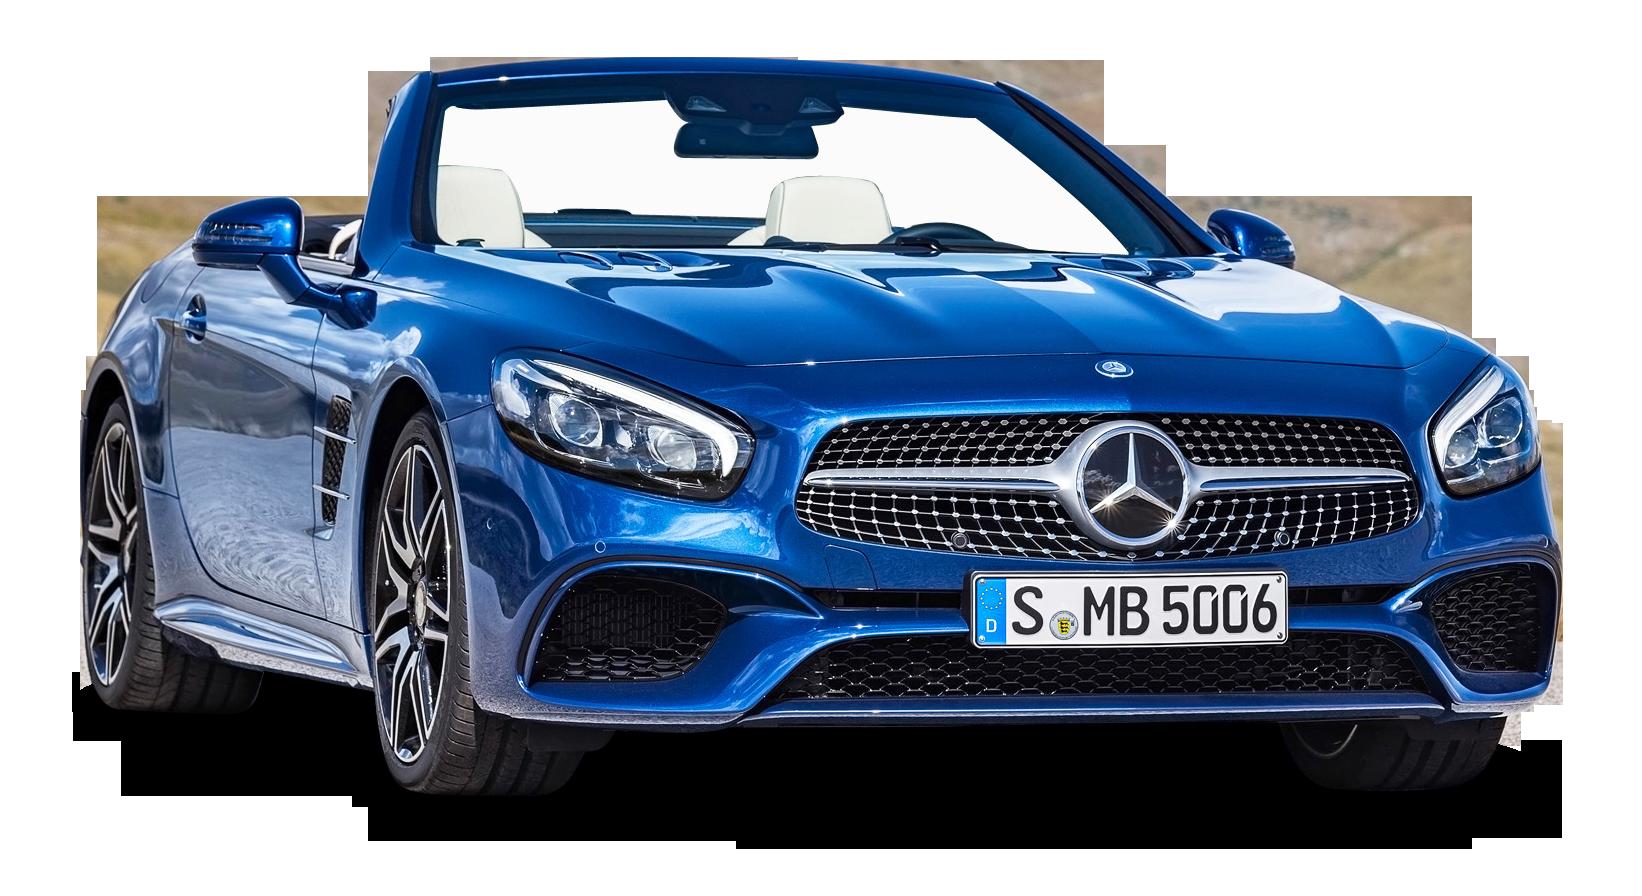 Blue Mercedes Benz SL Class Car PNG Image